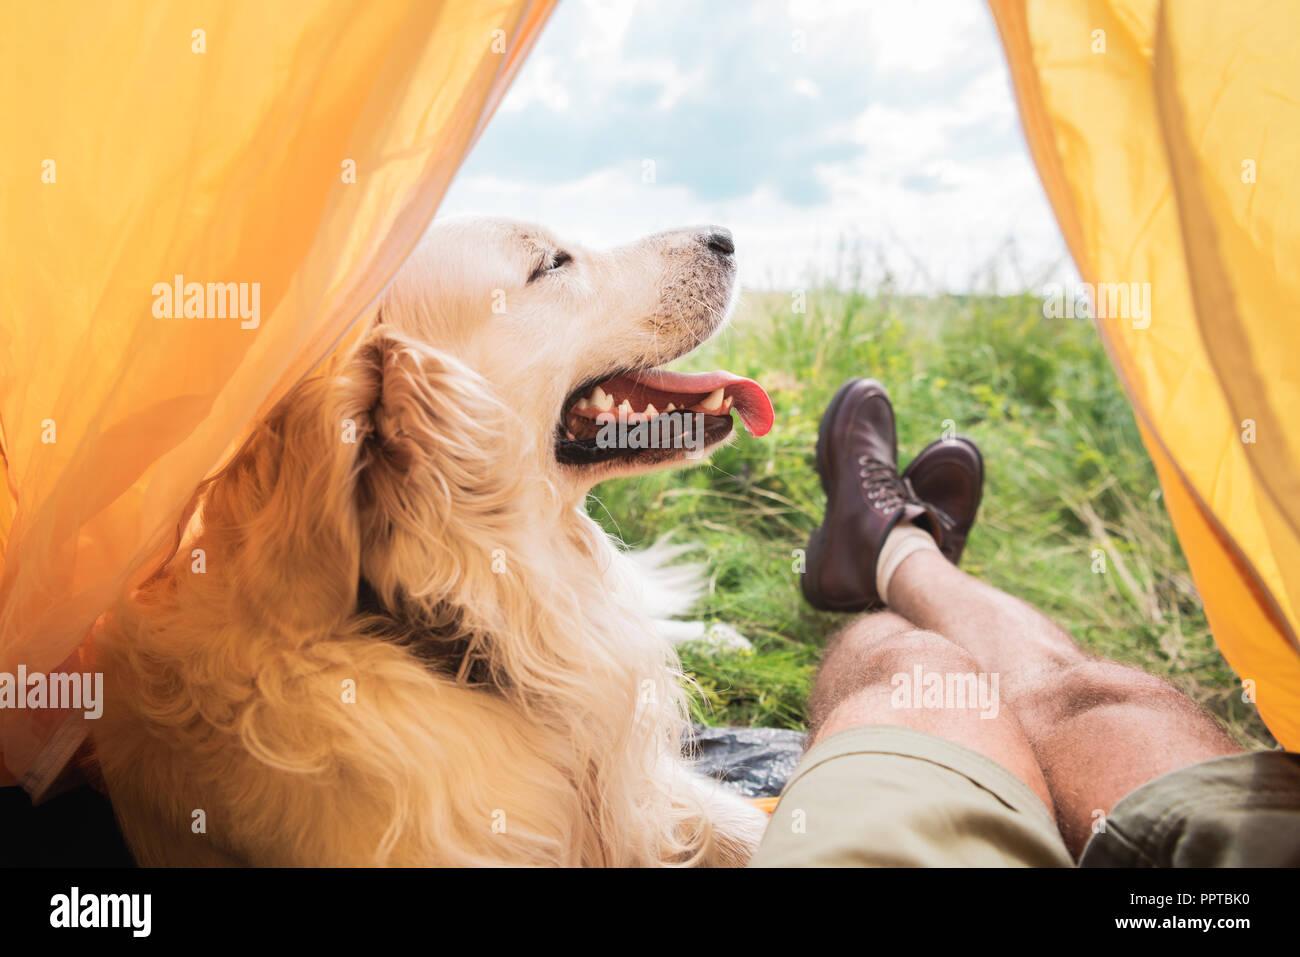 Vista parcial del turista en carpa con golden retriever perro de pradera Imagen De Stock